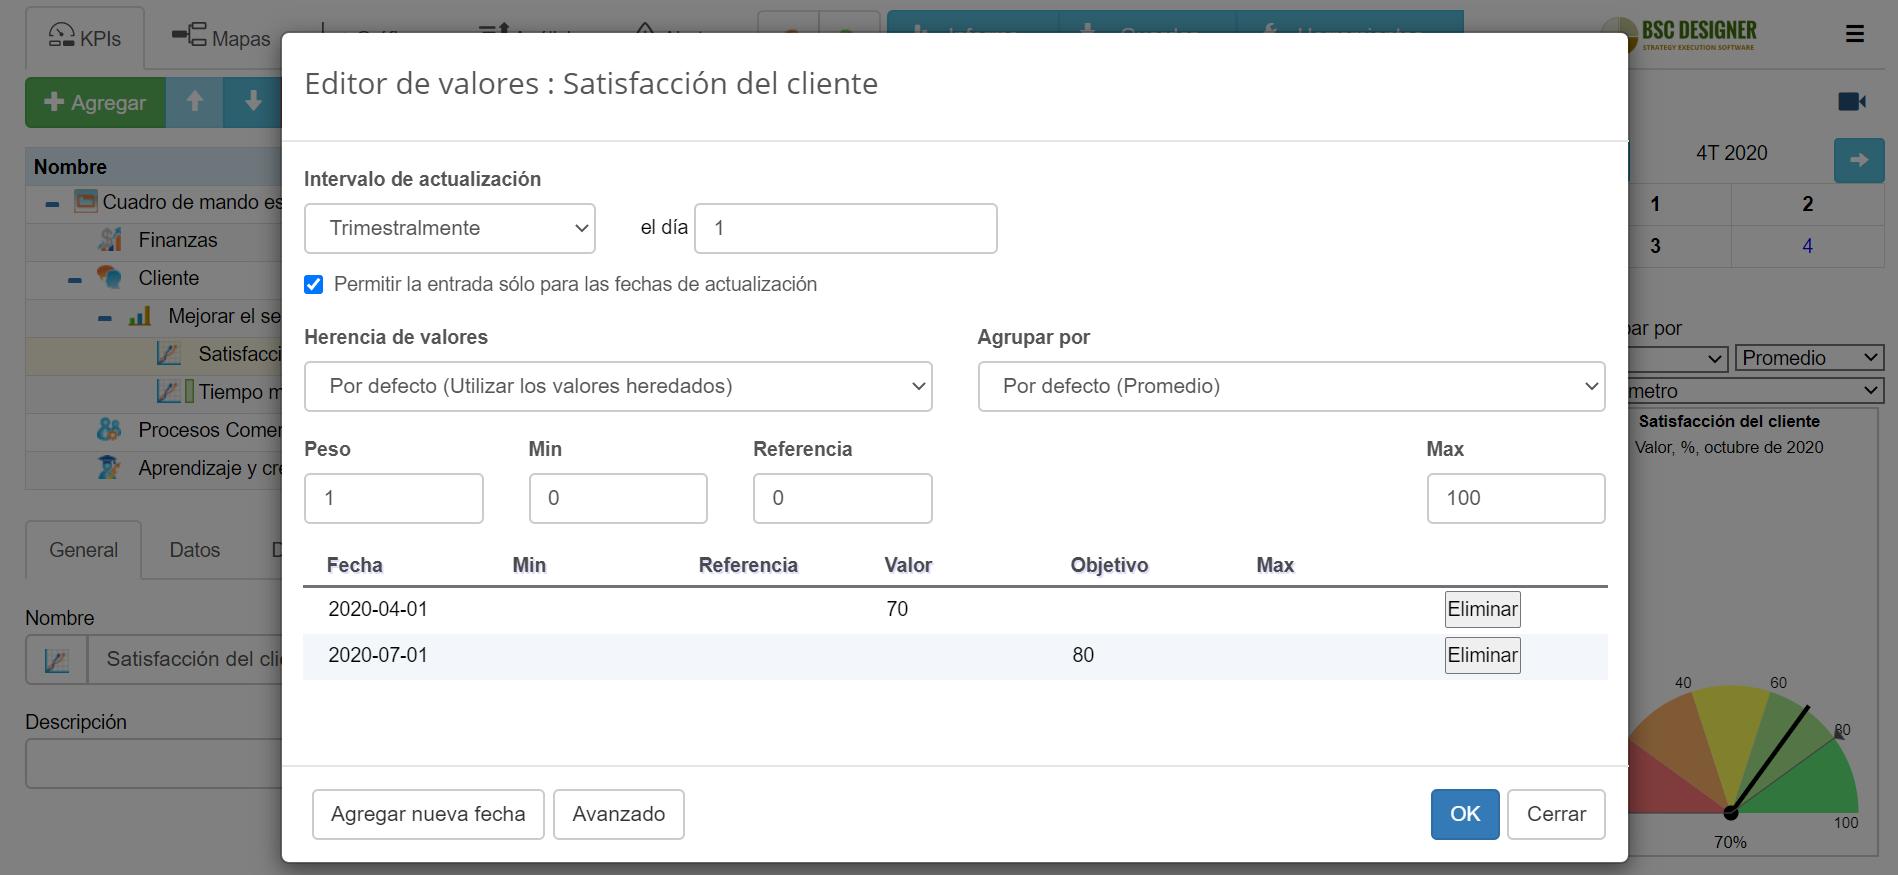 Un ejemplo de definición de intervalo de actualización para satisfacción del cliente